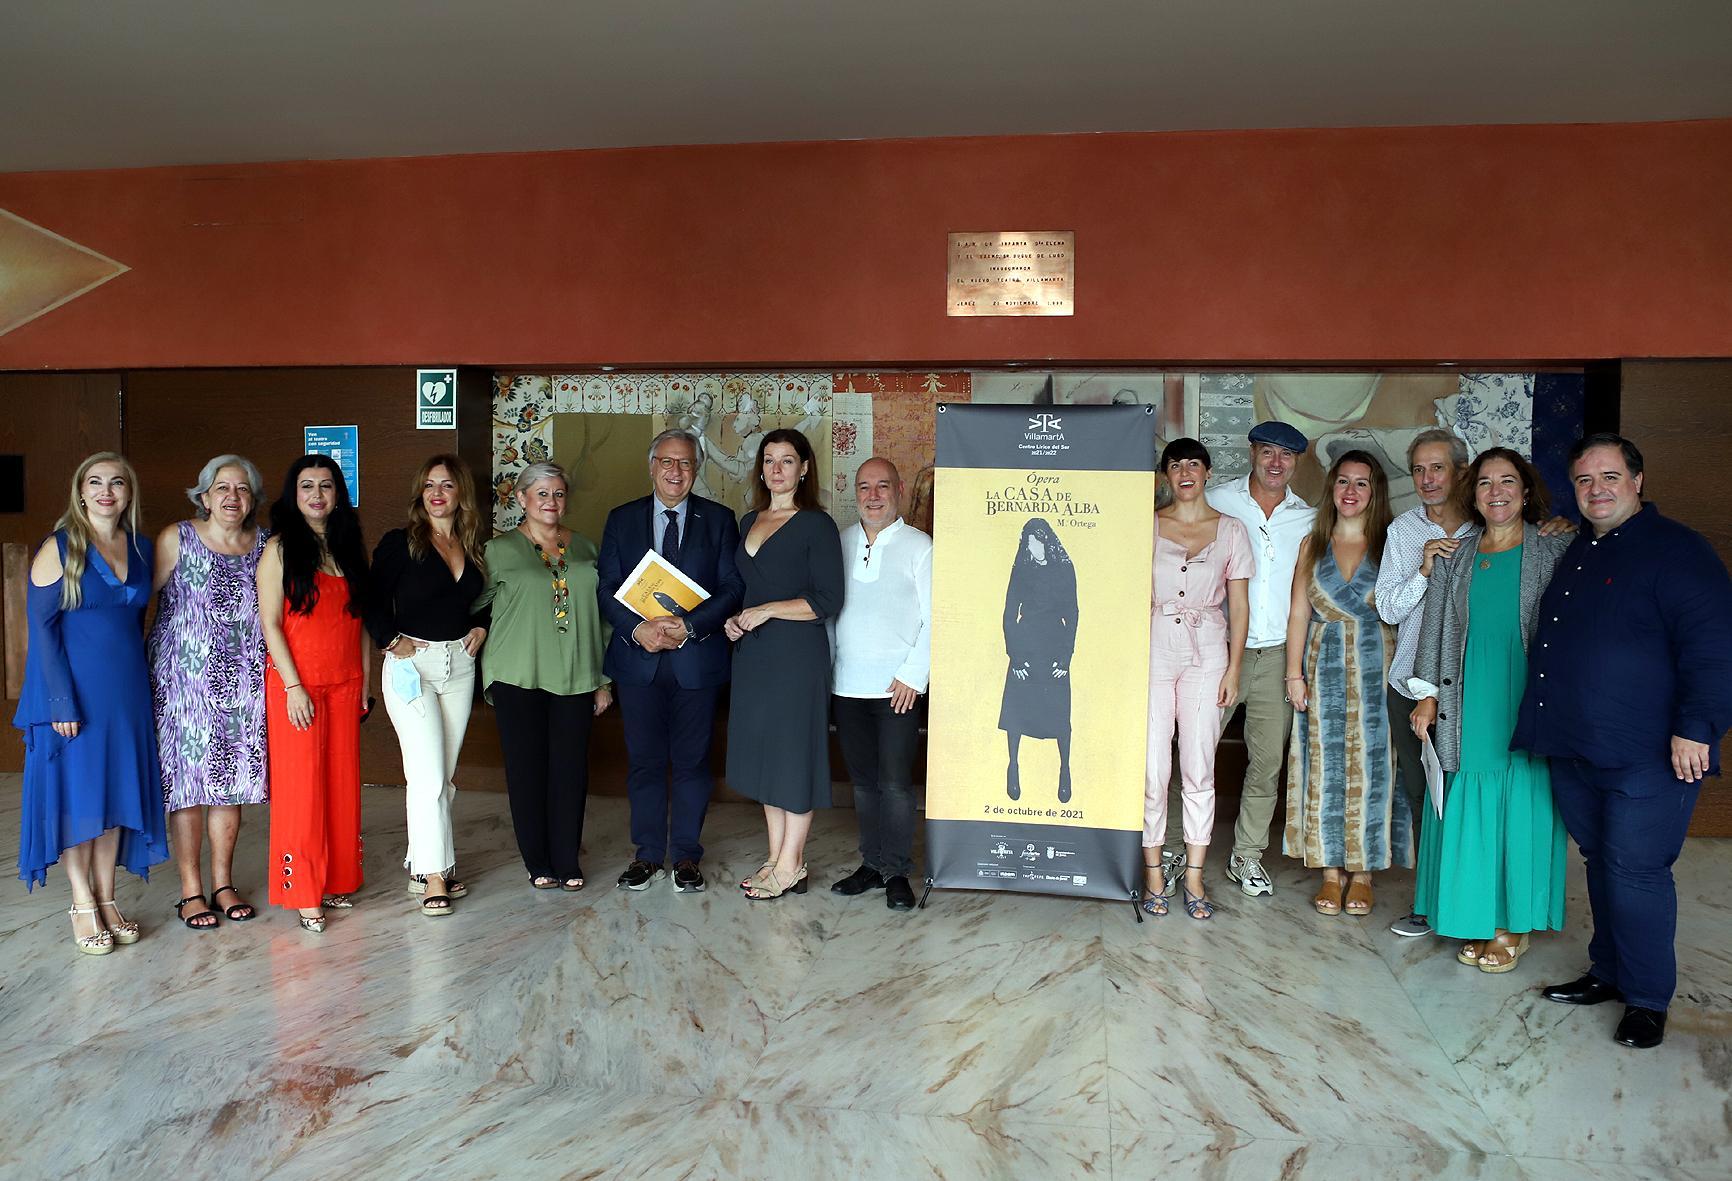 La ópera 'La casa de Bernarda Alba' abre la Temporada en el Villamarta